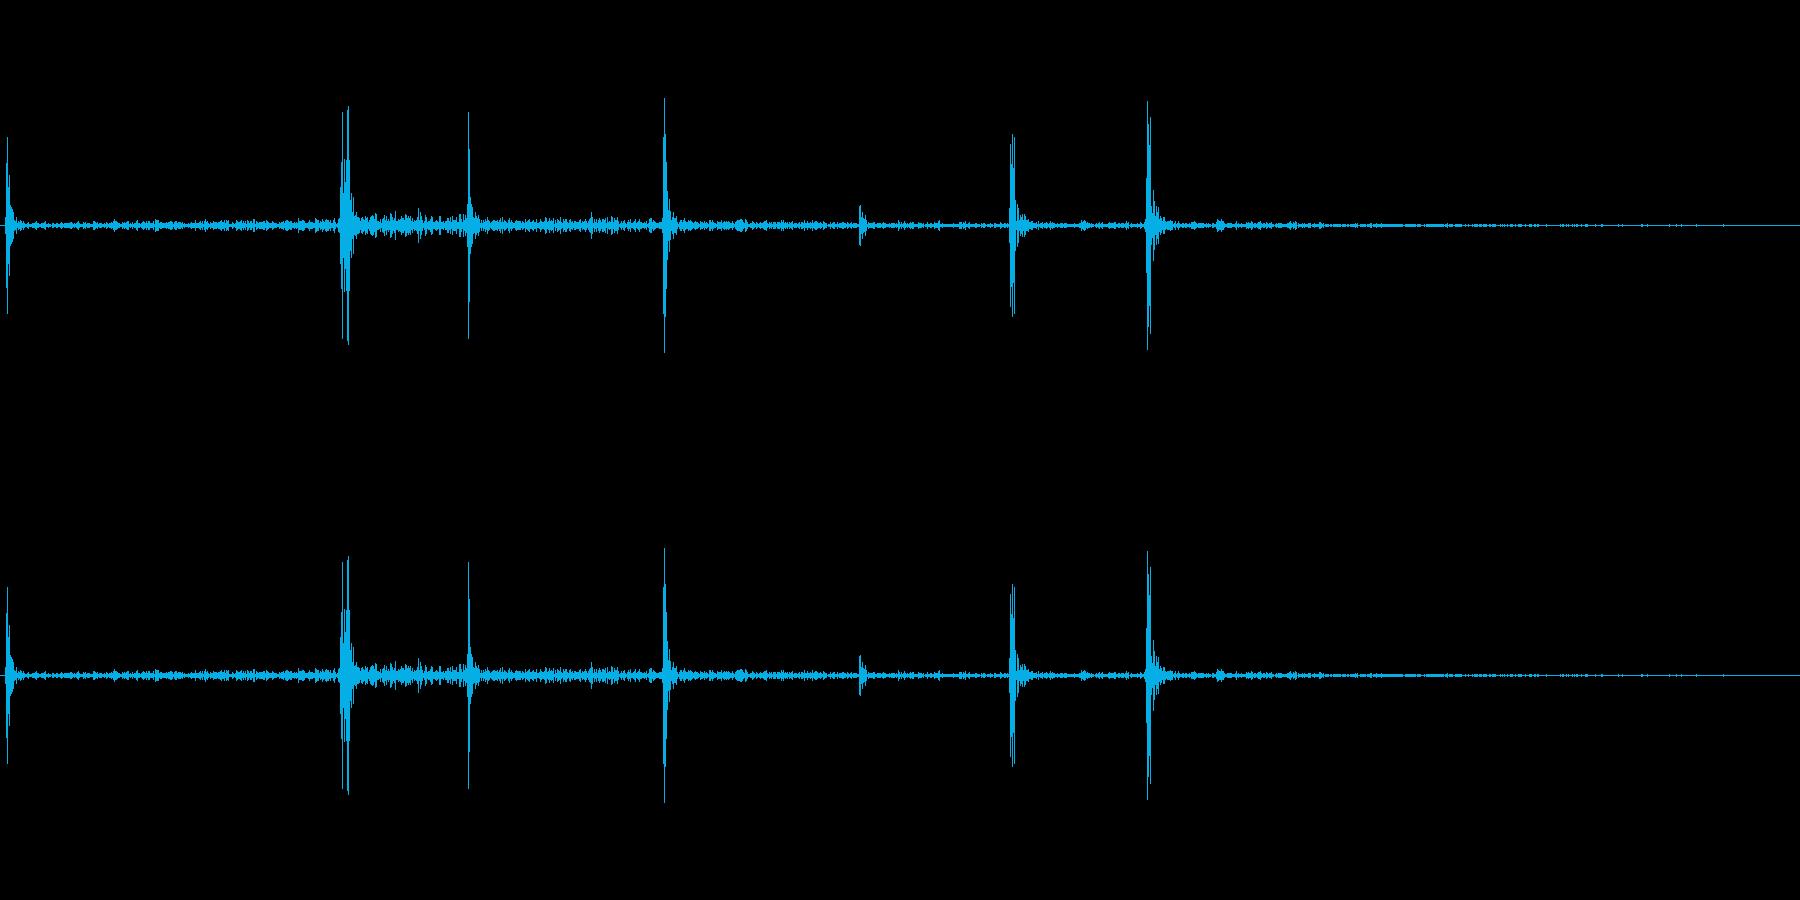 栄養ドリンクの蓋を開ける音の再生済みの波形